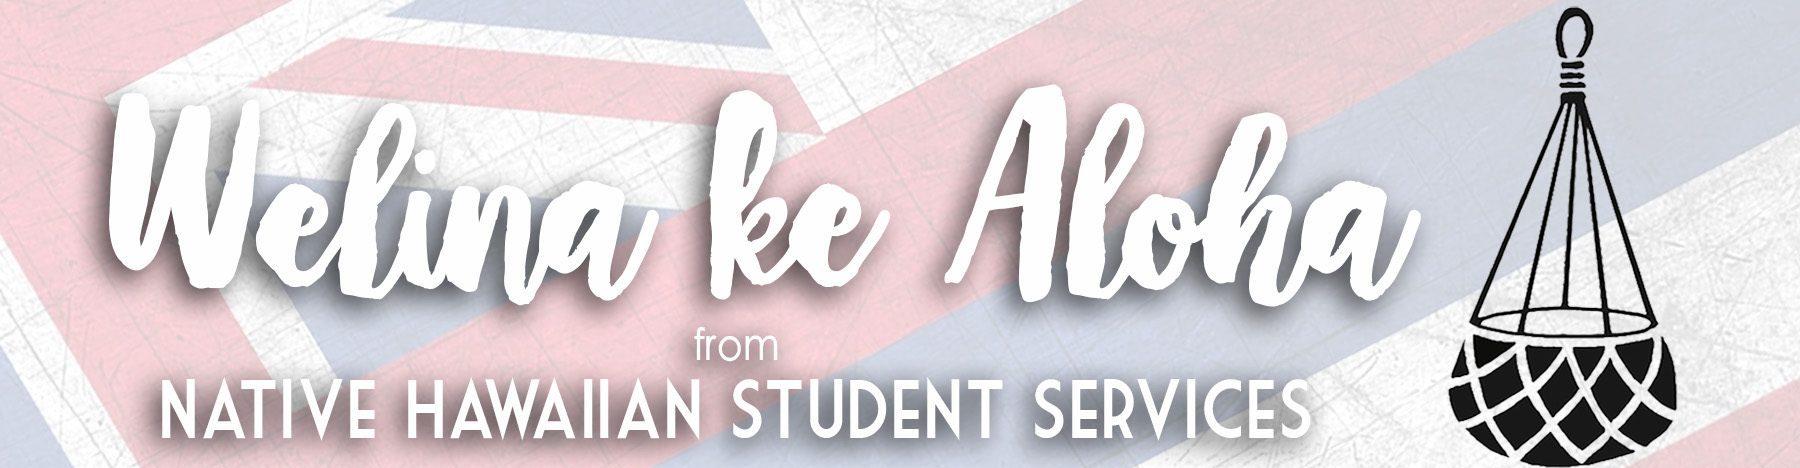 Native Hawaiian Student Services